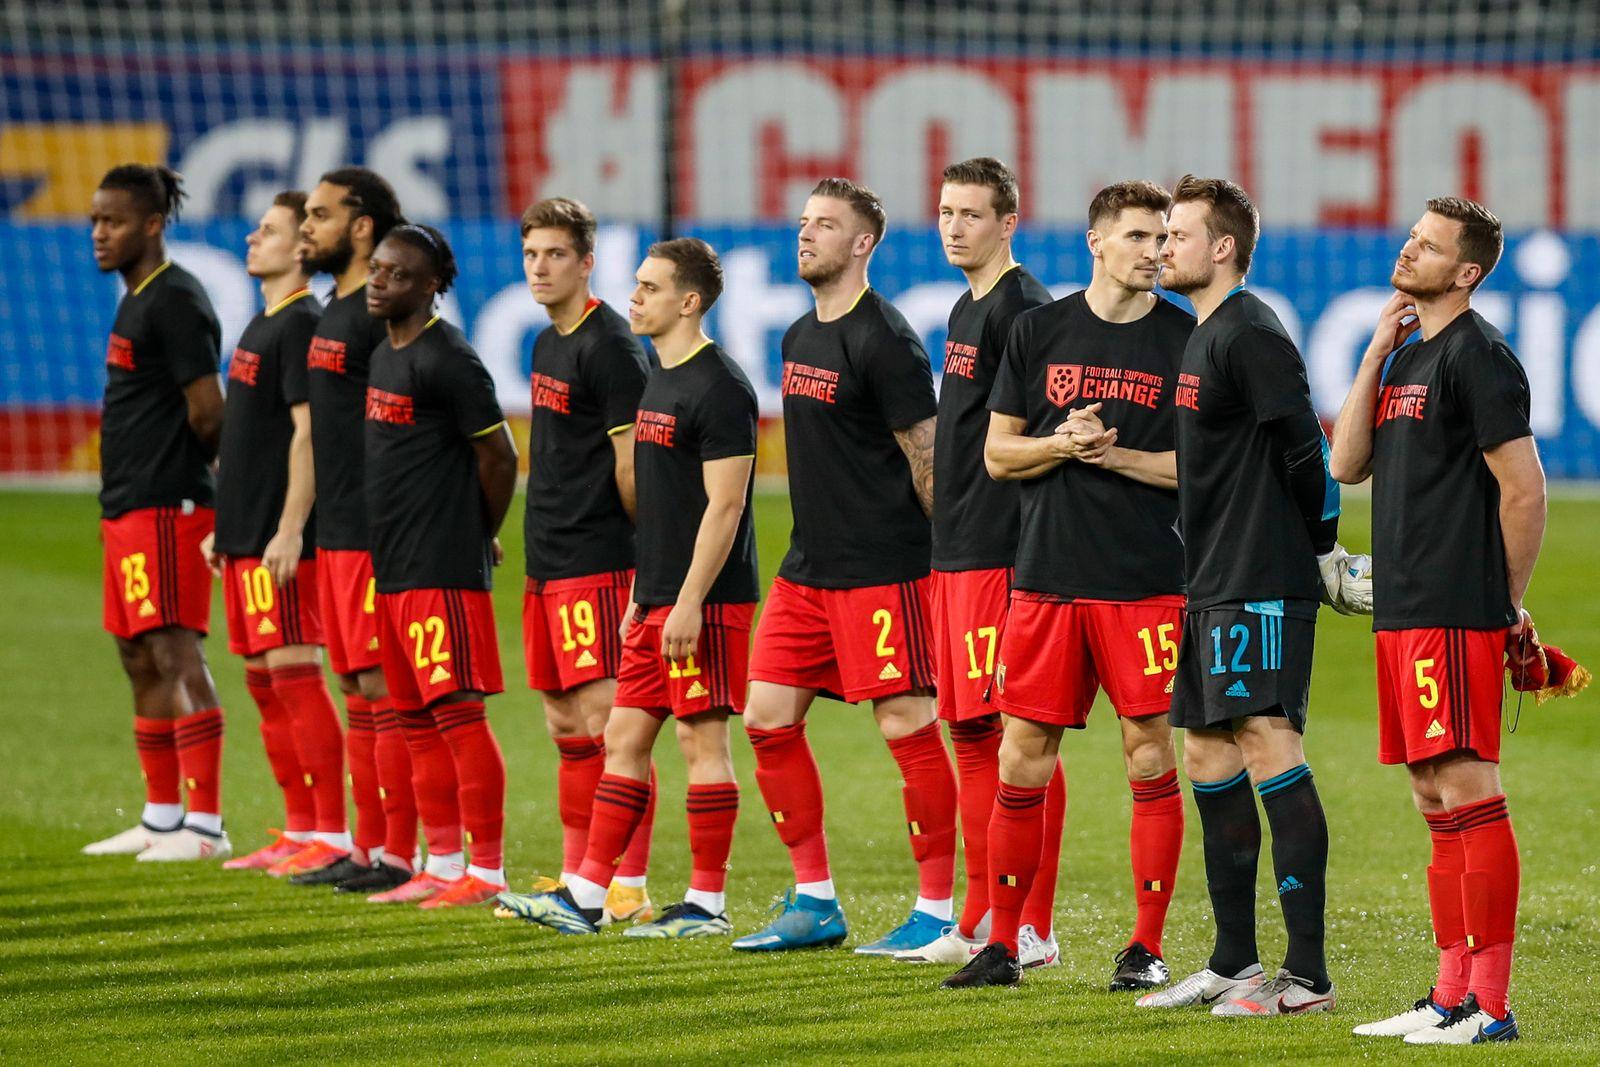 Belgium Belarus WCup 2022 Soccer